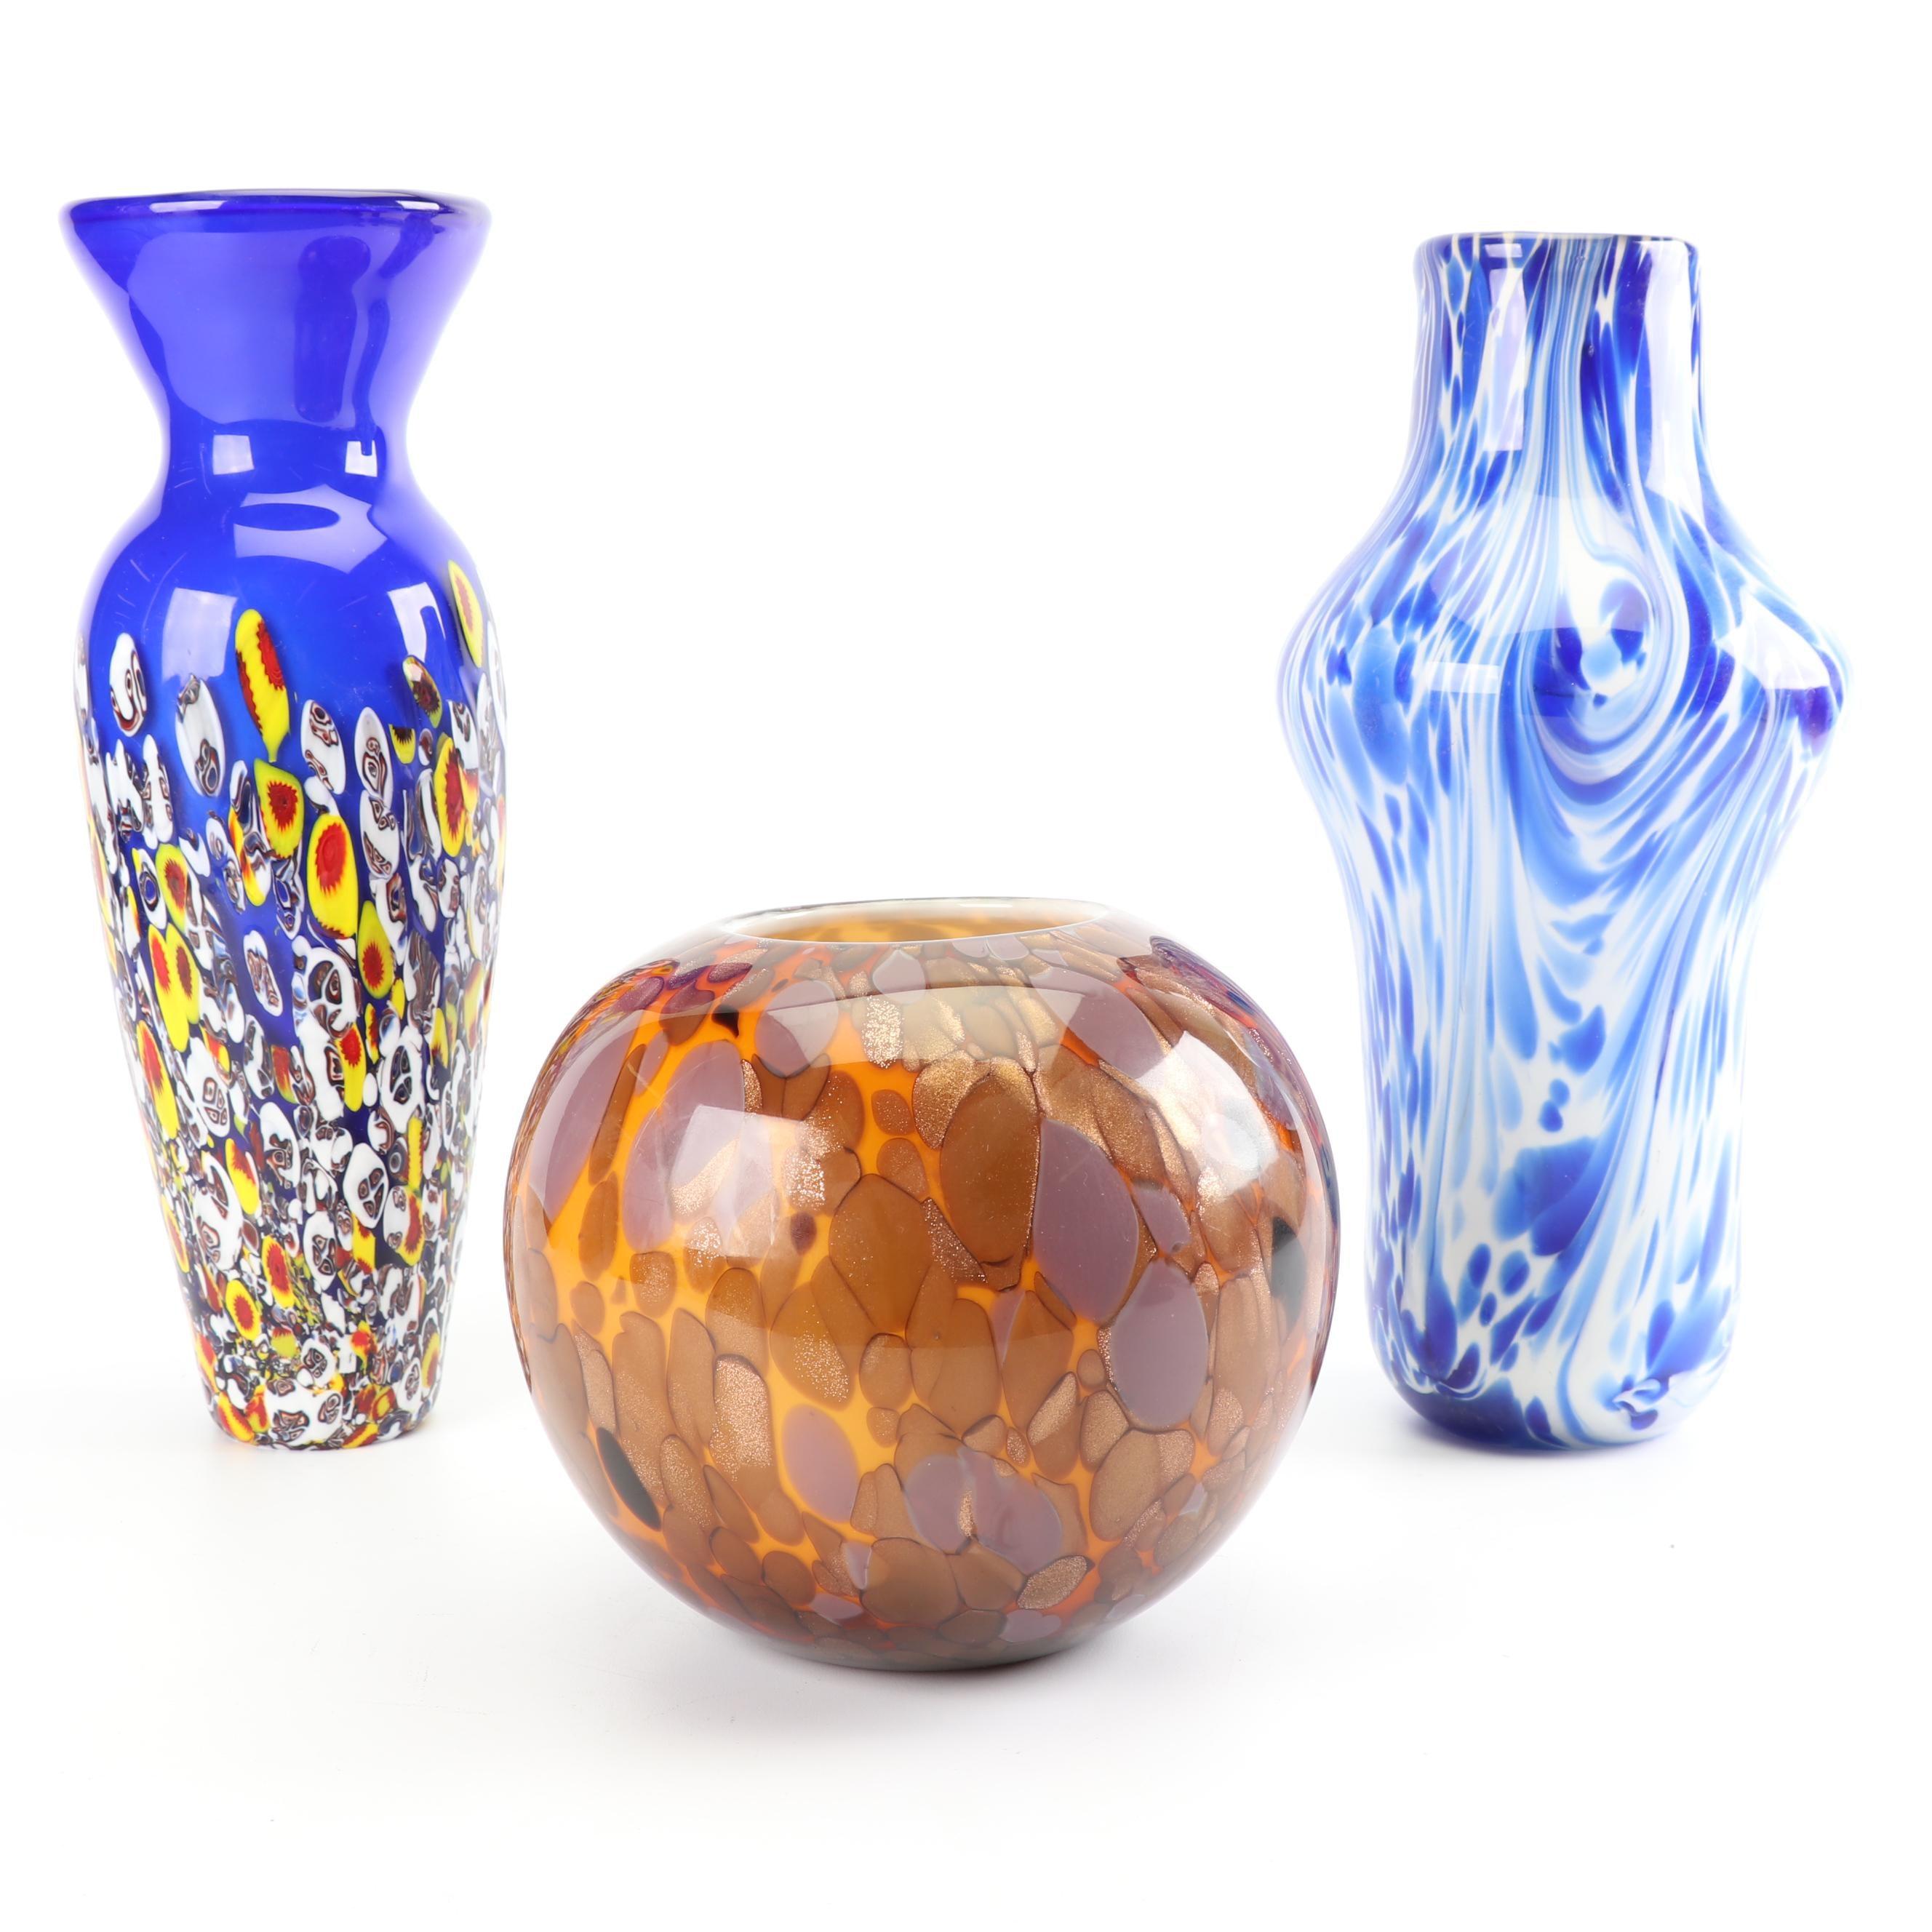 Murano Inspired Art Glass Vases